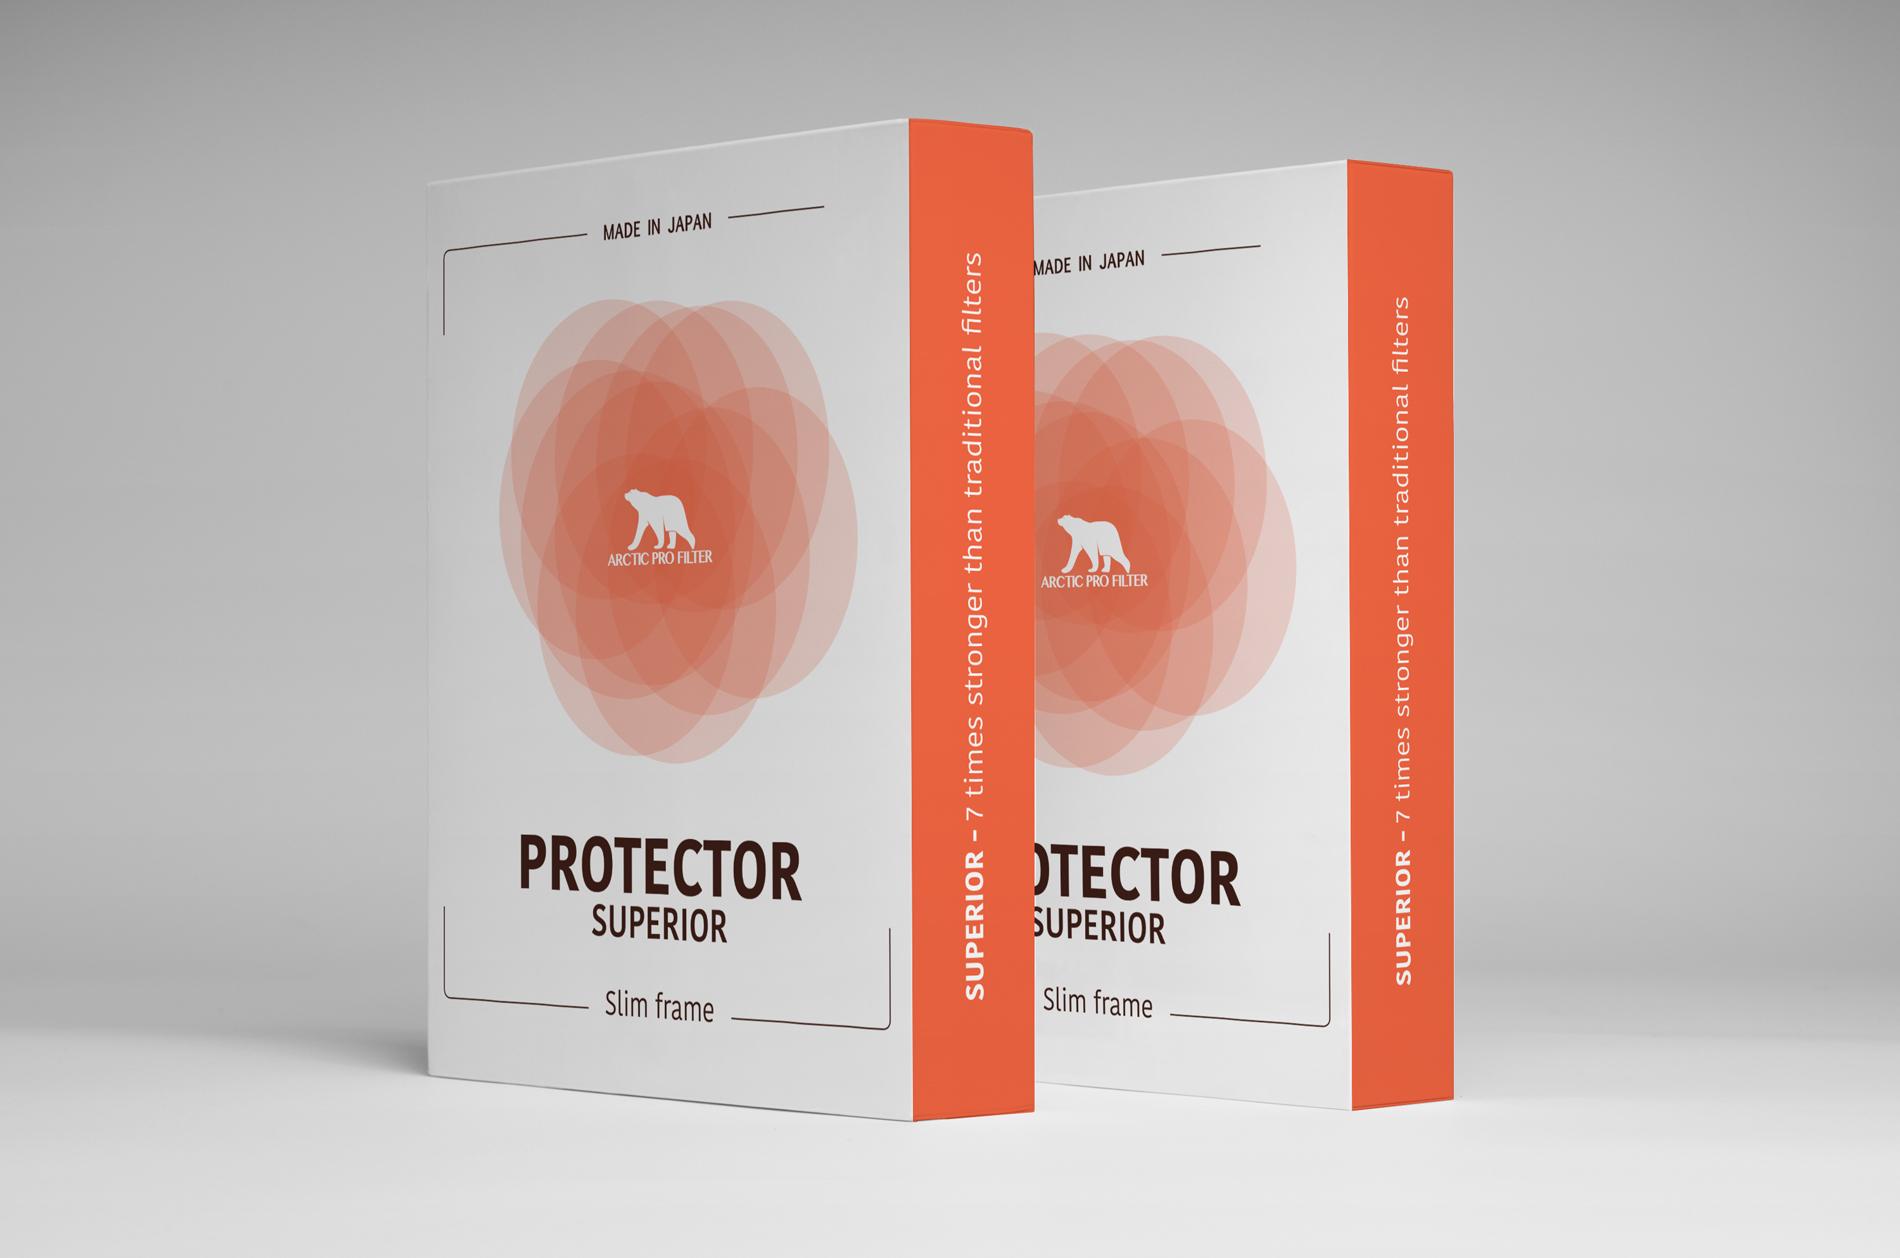 Arctic Pro Filter - Superior